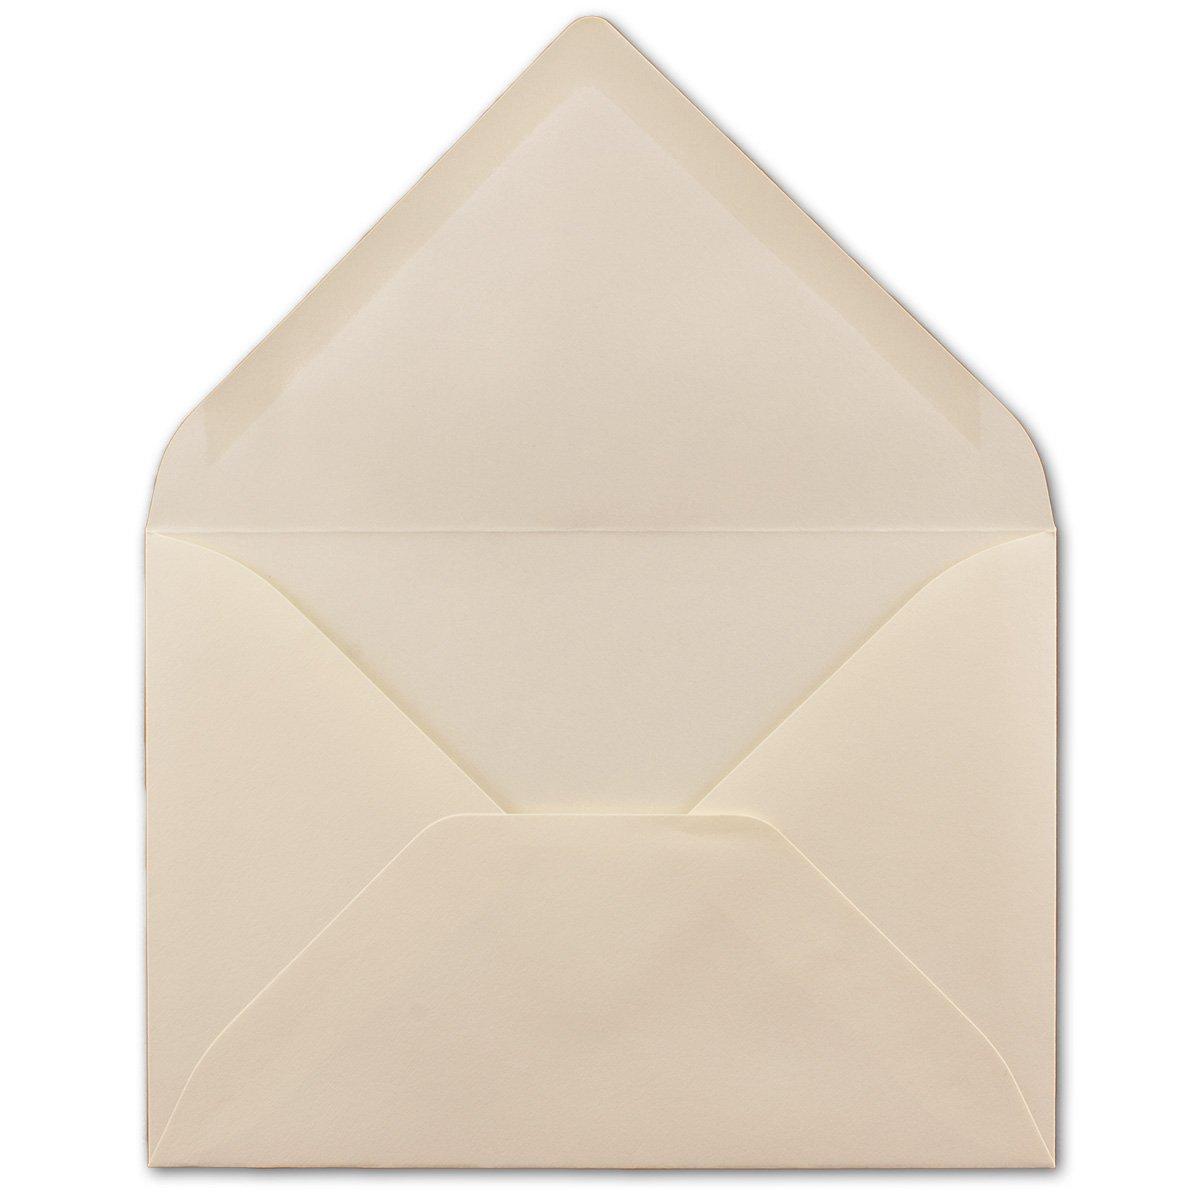 200x Brief-Umschläge Brief-Umschläge Brief-Umschläge in Dunkel-Grün - 80 g m² - KuGrüns in DIN B6 Format 125 x 175 mm - Nassklebung ohne Fenster - Qualitätsmarke FarbenFroh® B07B3TJ4FD   Spielzeugwelt, spielen Sie Ihre eigene Welt  279c64